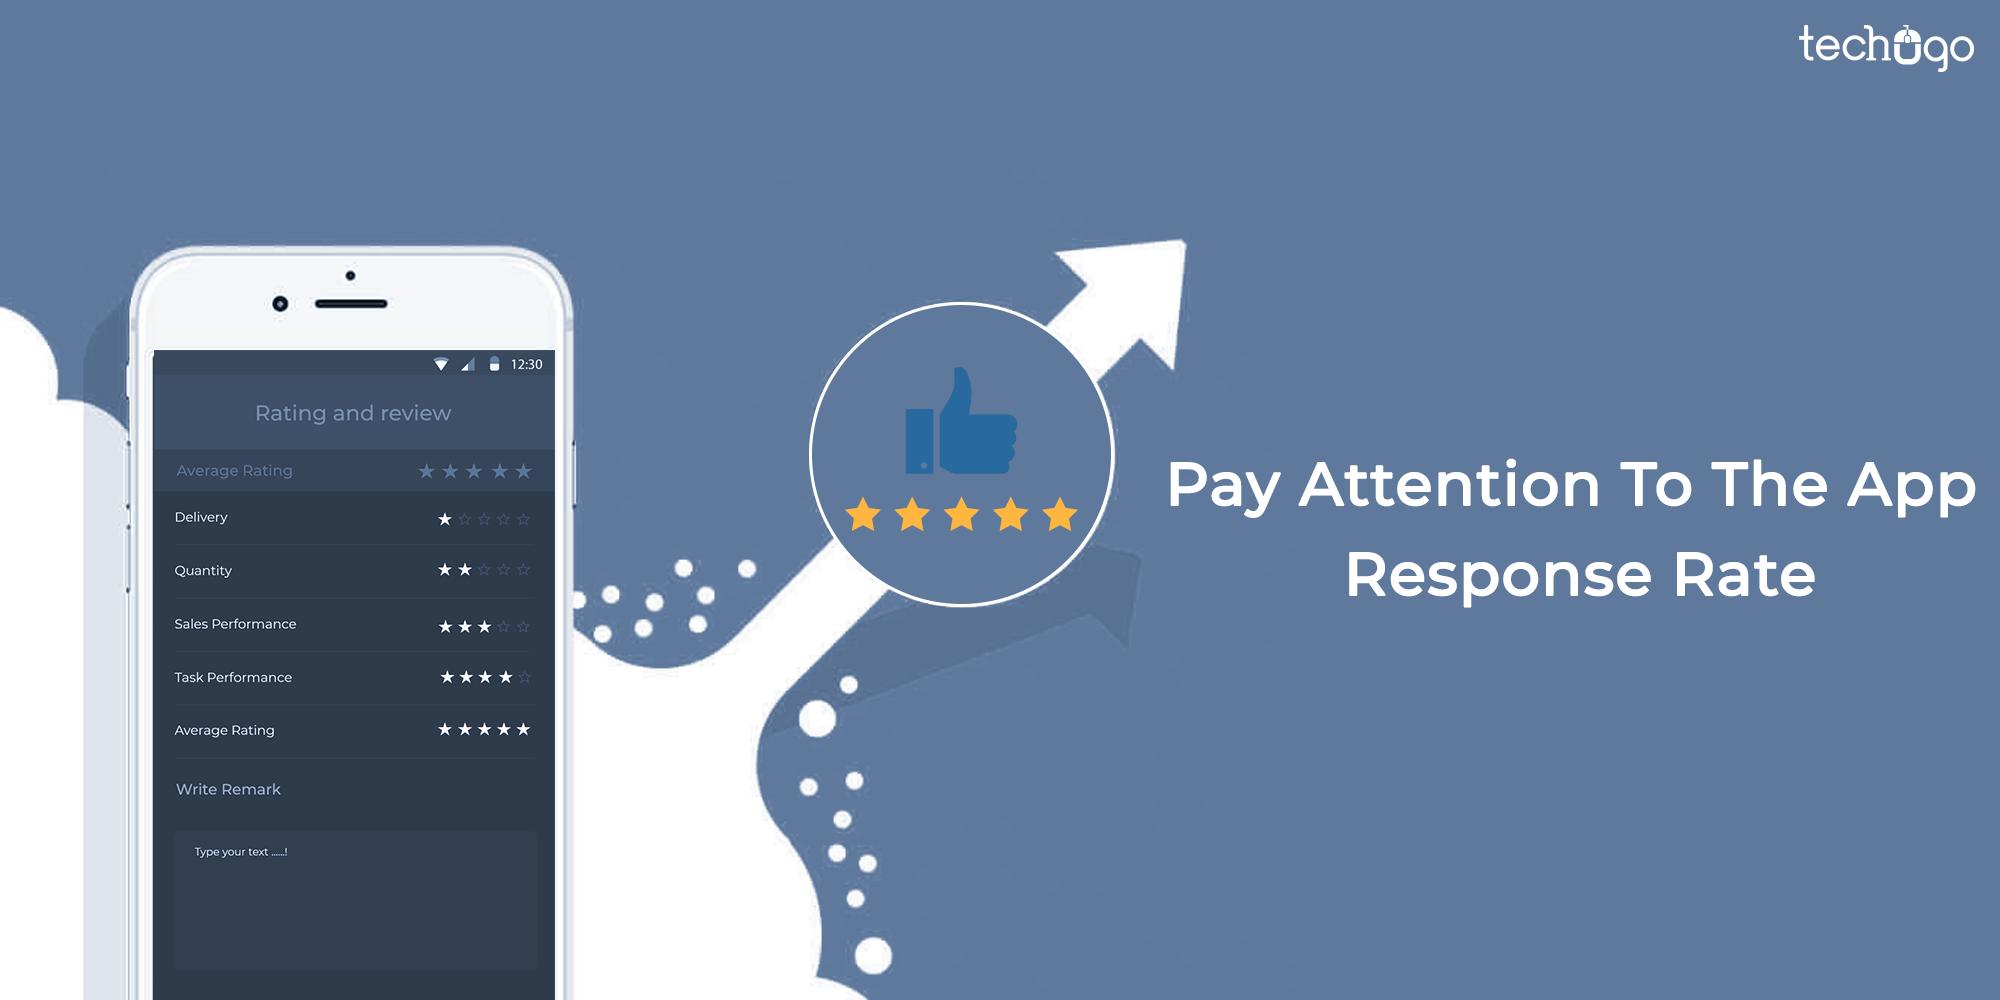 App Response Rate